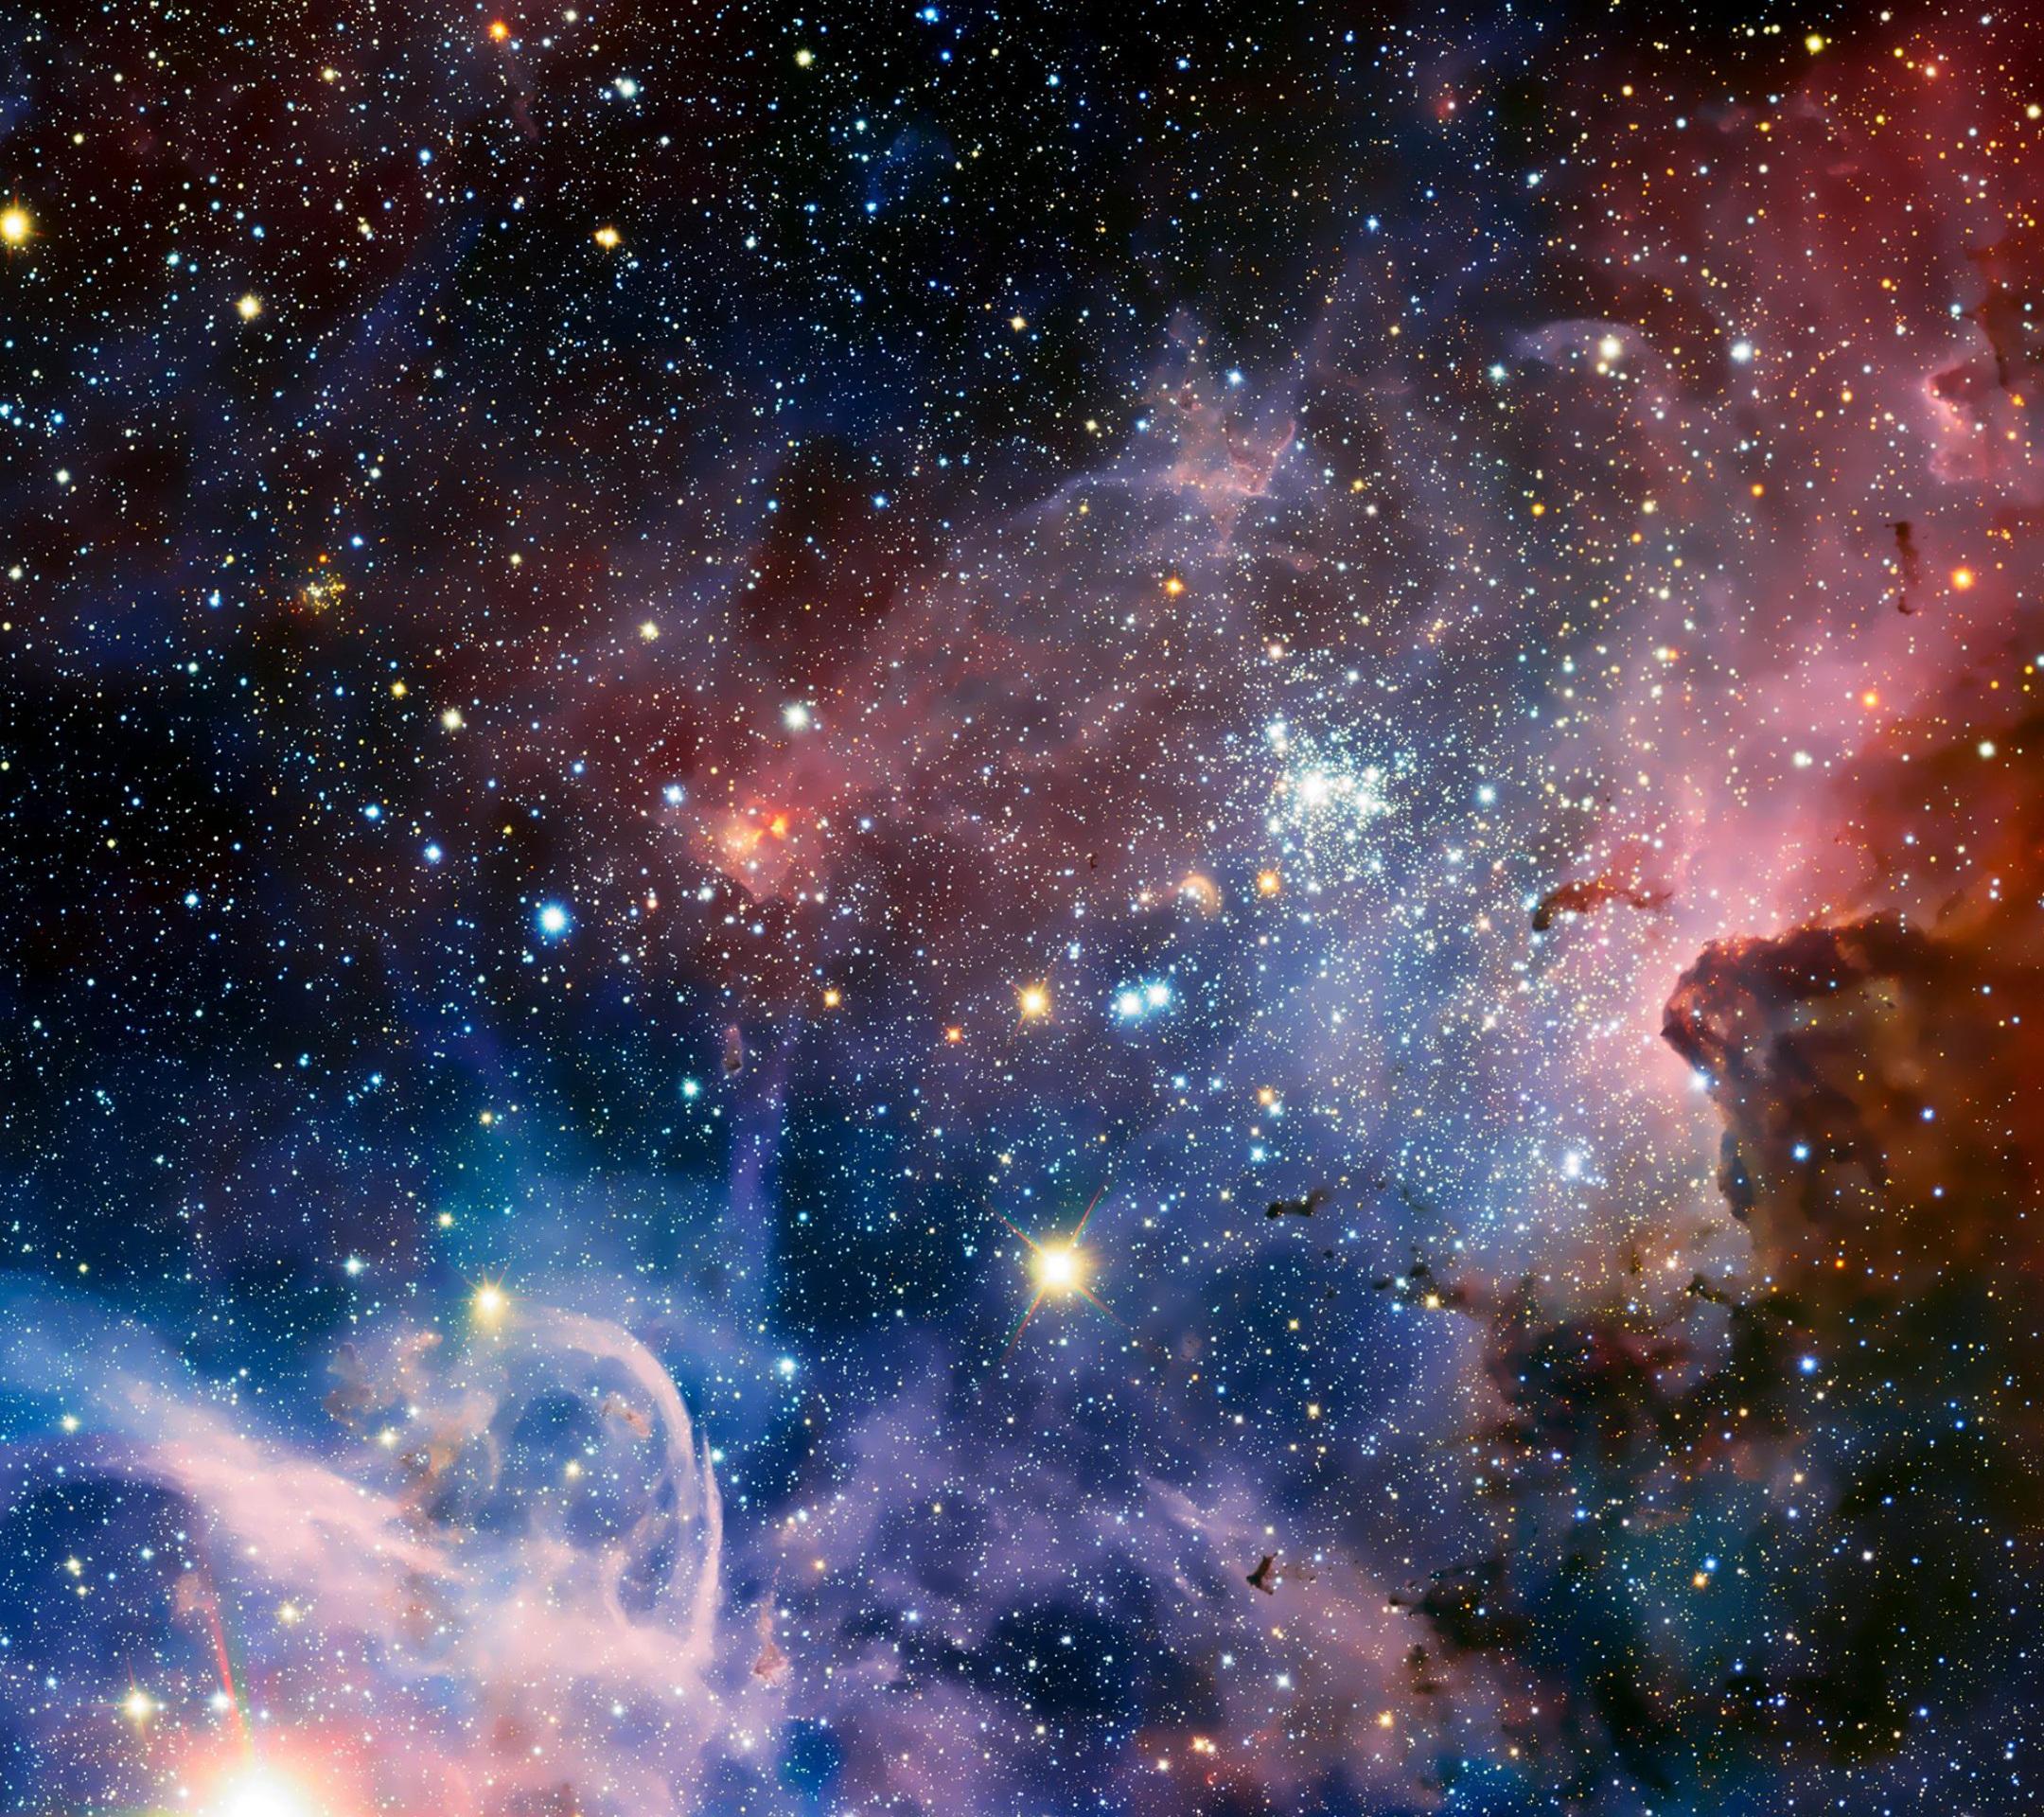 Nebula HD Wallpaper Samsung Galaxy S5 HD Wallpapers Freejpg 2160x1920